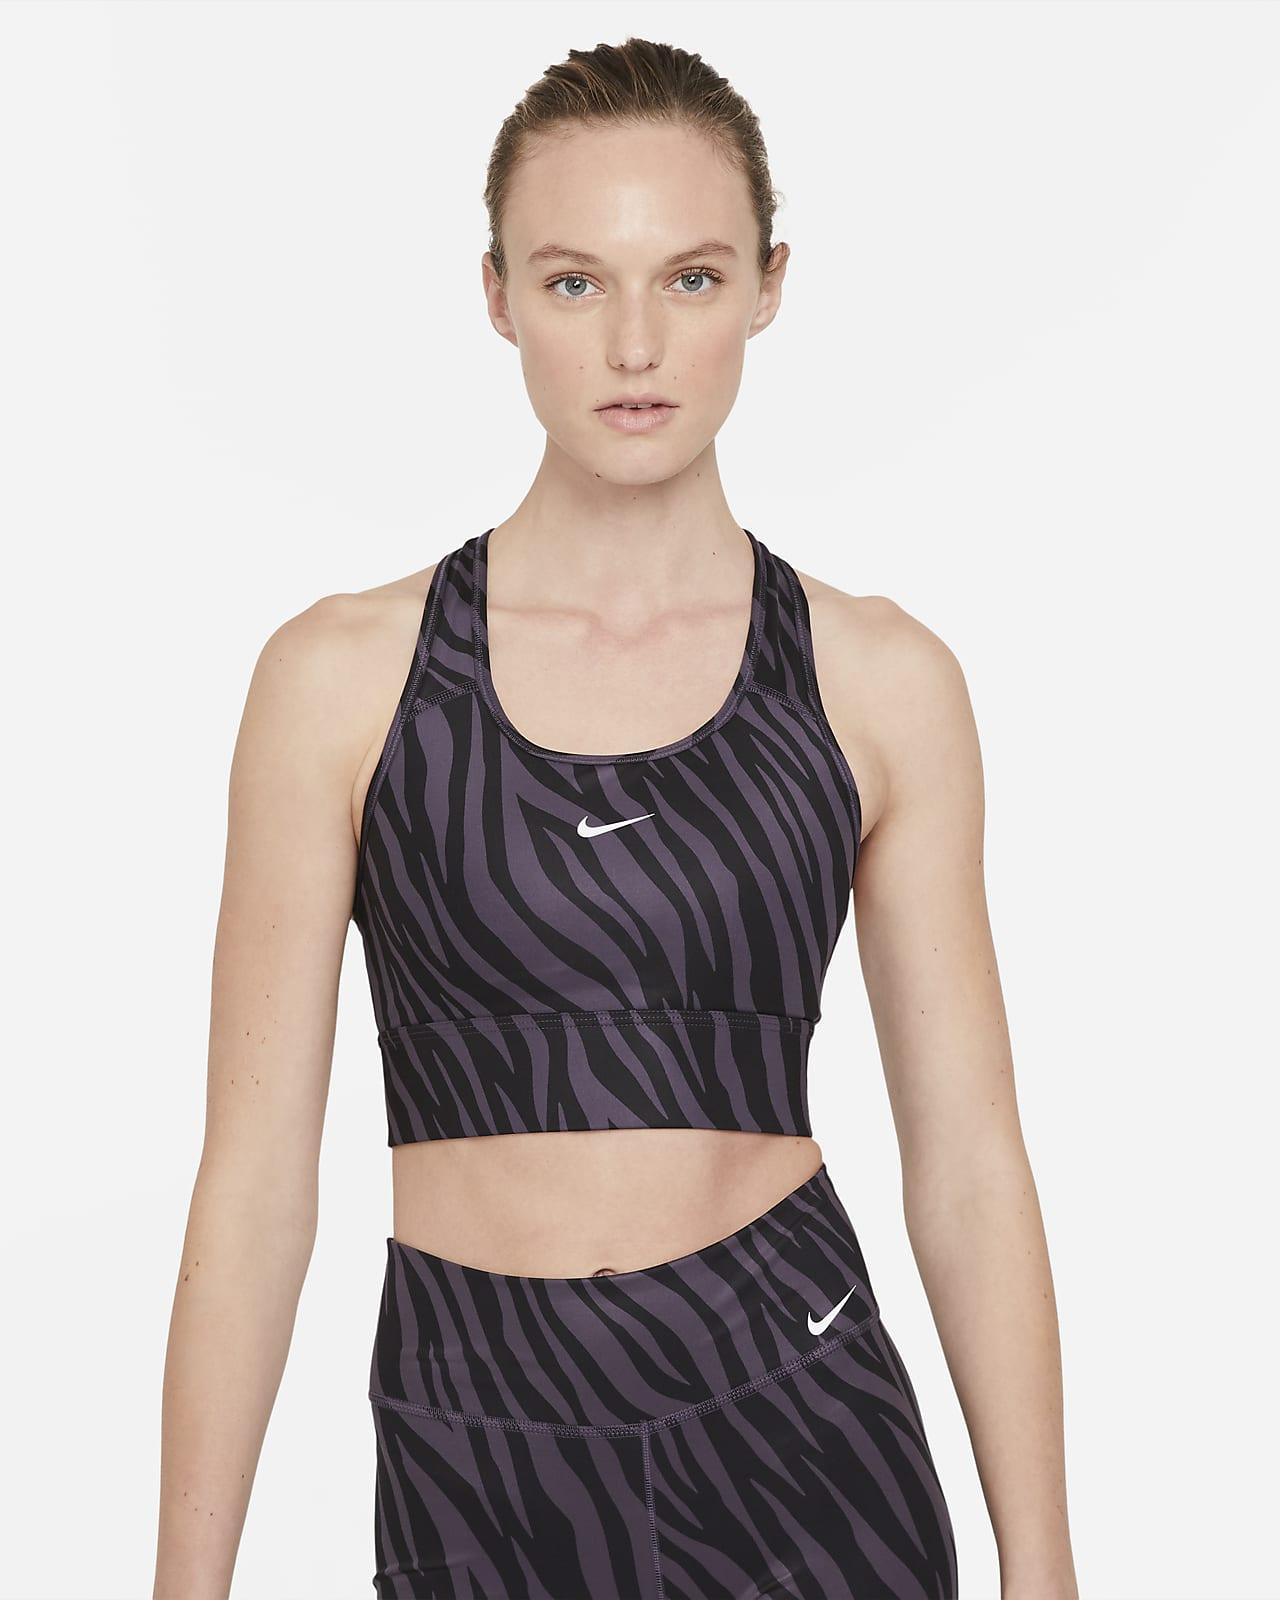 Nike Dri-FIT Swoosh Icon Clash Orta Destekli Tek Parça Pedli Uzun Kadın Spor Sütyeni